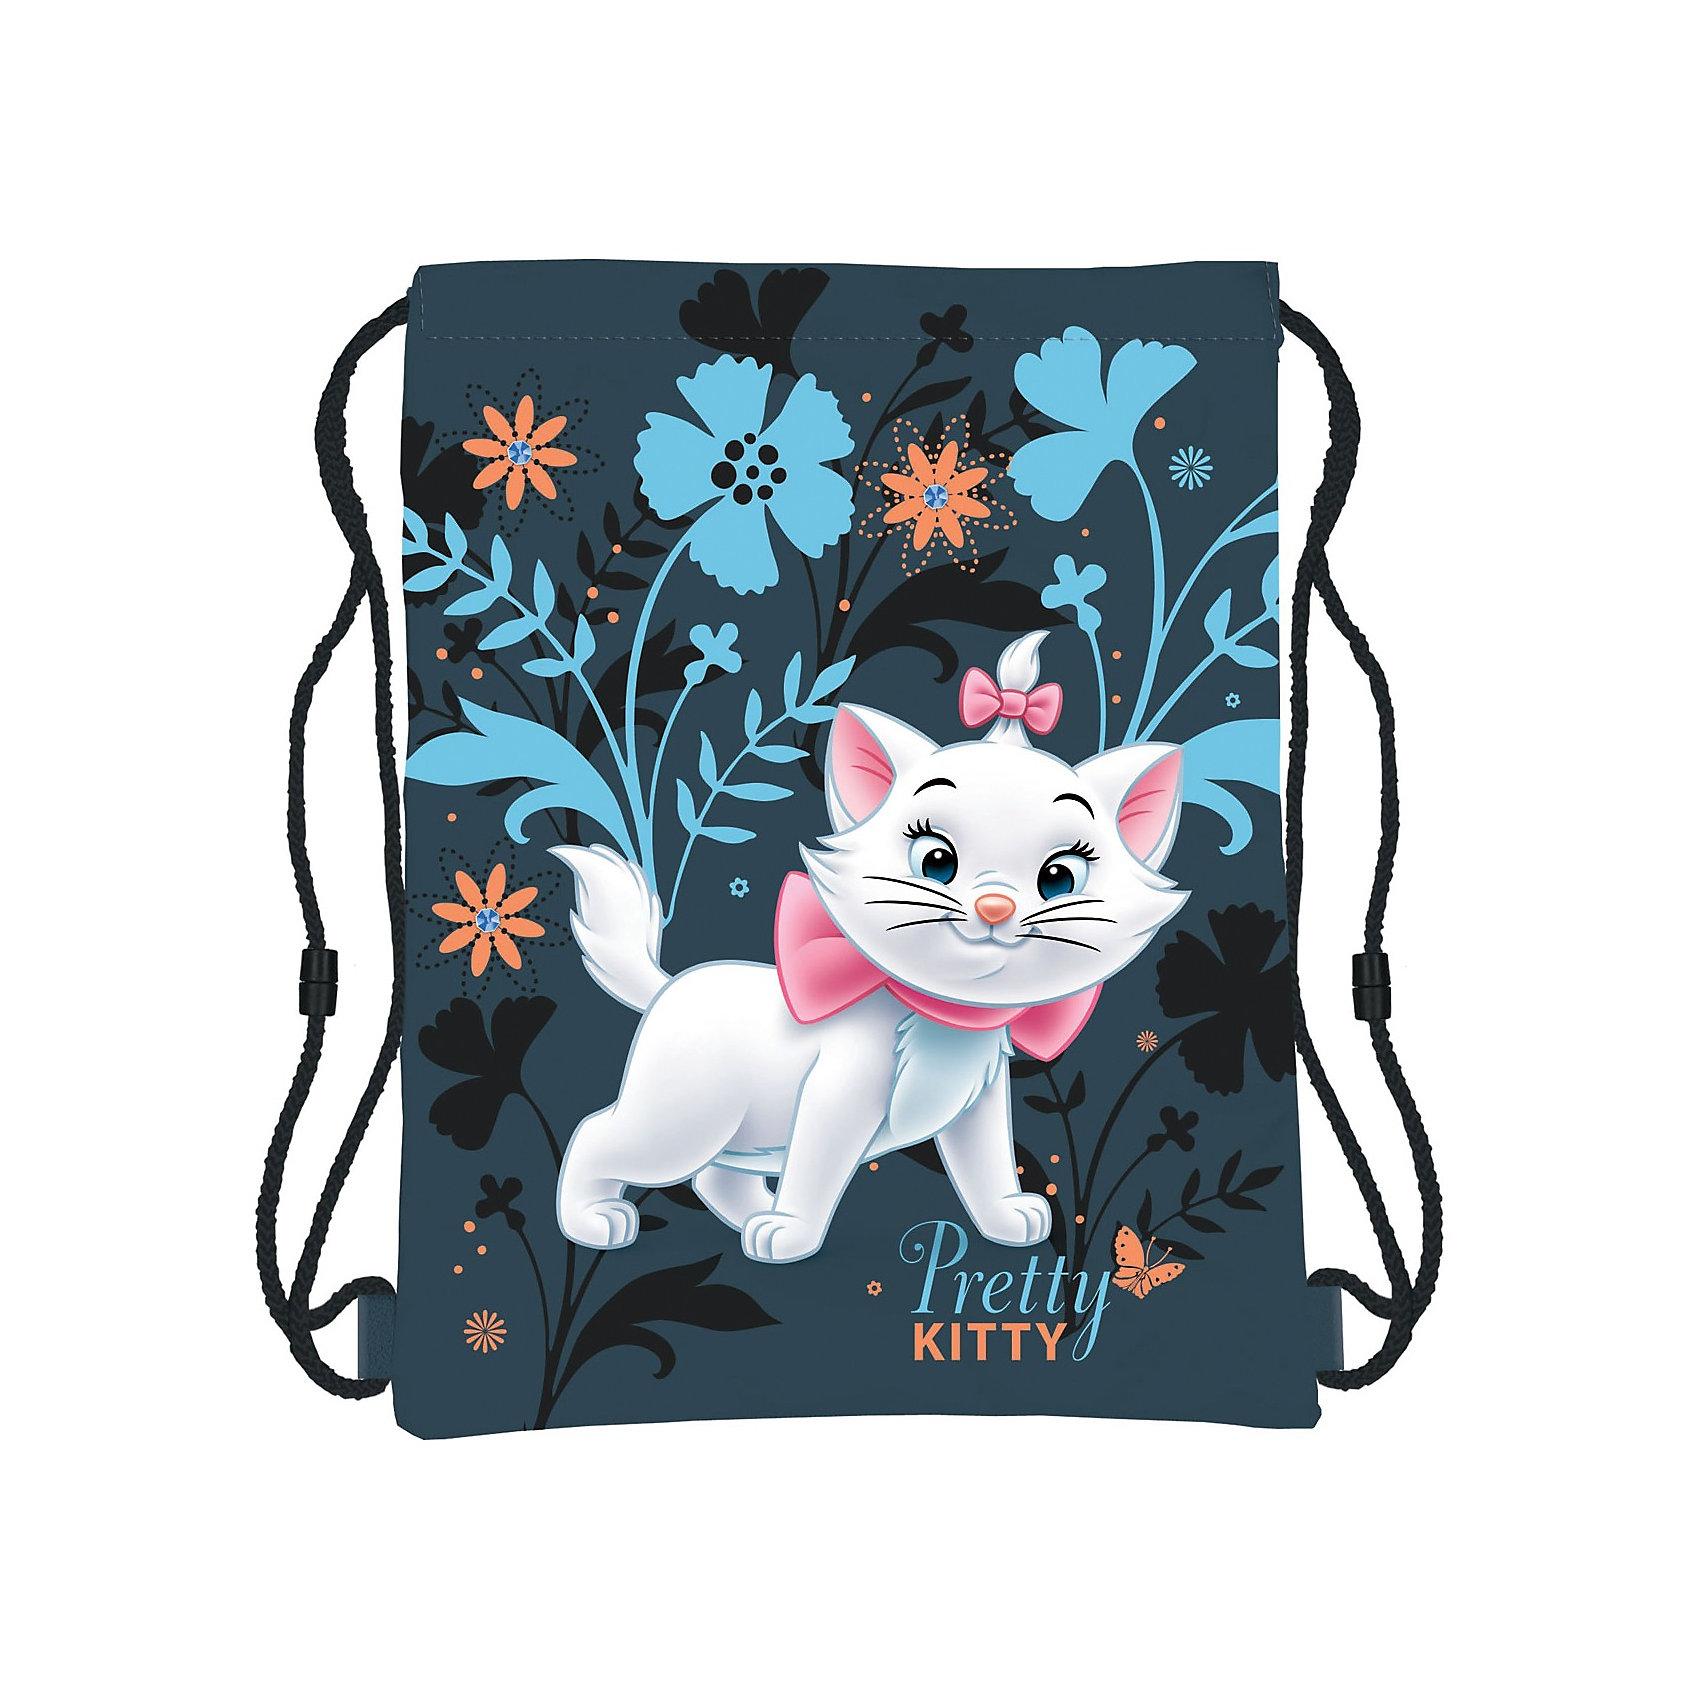 Сумка-рюкзак для обуви Кошка Мари, Коты-АристократыСумка-рюкзак для обуви Marie Cat (кошка Мари) нежной сине-голубой расцветки идеально подойдет для сменной обуви маленькой школьницы и для физкультурной формы. <br><br>Рюкзачок выполнен из прочной непромокаемой ткани, по бокам затягивается специальными шнурками. Лицевая сторона украшена изображением очаровательной белой<br>кошечки Мари, героини диснеевского мультфильма Коты-Аристократы.<br><br>Дополнительная информация:<br><br>- Материал: полиэстер.<br>- Размер: 43 х 34 см.<br>- Вес: 100 гр.<br><br>Сумку-рюкзак для обуви Marie Cat можно купить в нашем интернет-магазине.<br><br>Ширина мм: 160<br>Глубина мм: 180<br>Высота мм: 15<br>Вес г: 71<br>Возраст от месяцев: 96<br>Возраст до месяцев: 108<br>Пол: Женский<br>Возраст: Детский<br>SKU: 3563106